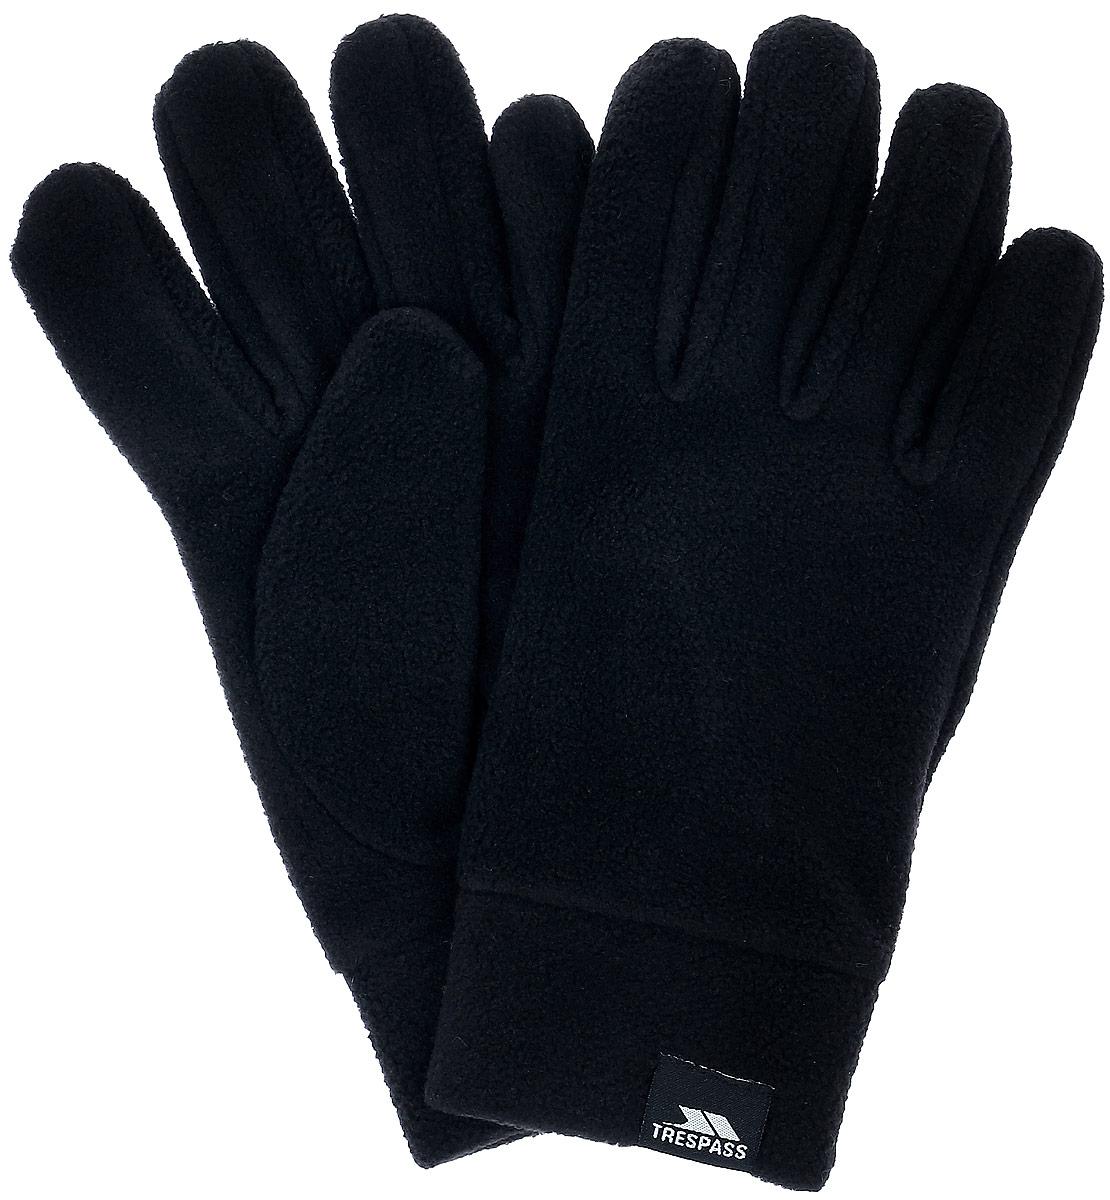 Перчатки женские Trespass Plummet II, цвет: черный. FAGLGLM20001. Размер S (6,5)FAGLGLM20001Женские перчатки Trespass Plummet ll полностью выполнены из полиэстера, который обеспечит тепло и комфорт при носке. Модель оформлена фирменной нашивкой. Перчатки дополнены манжетами, которые зафиксируют модель на запястье, не стягивая его.